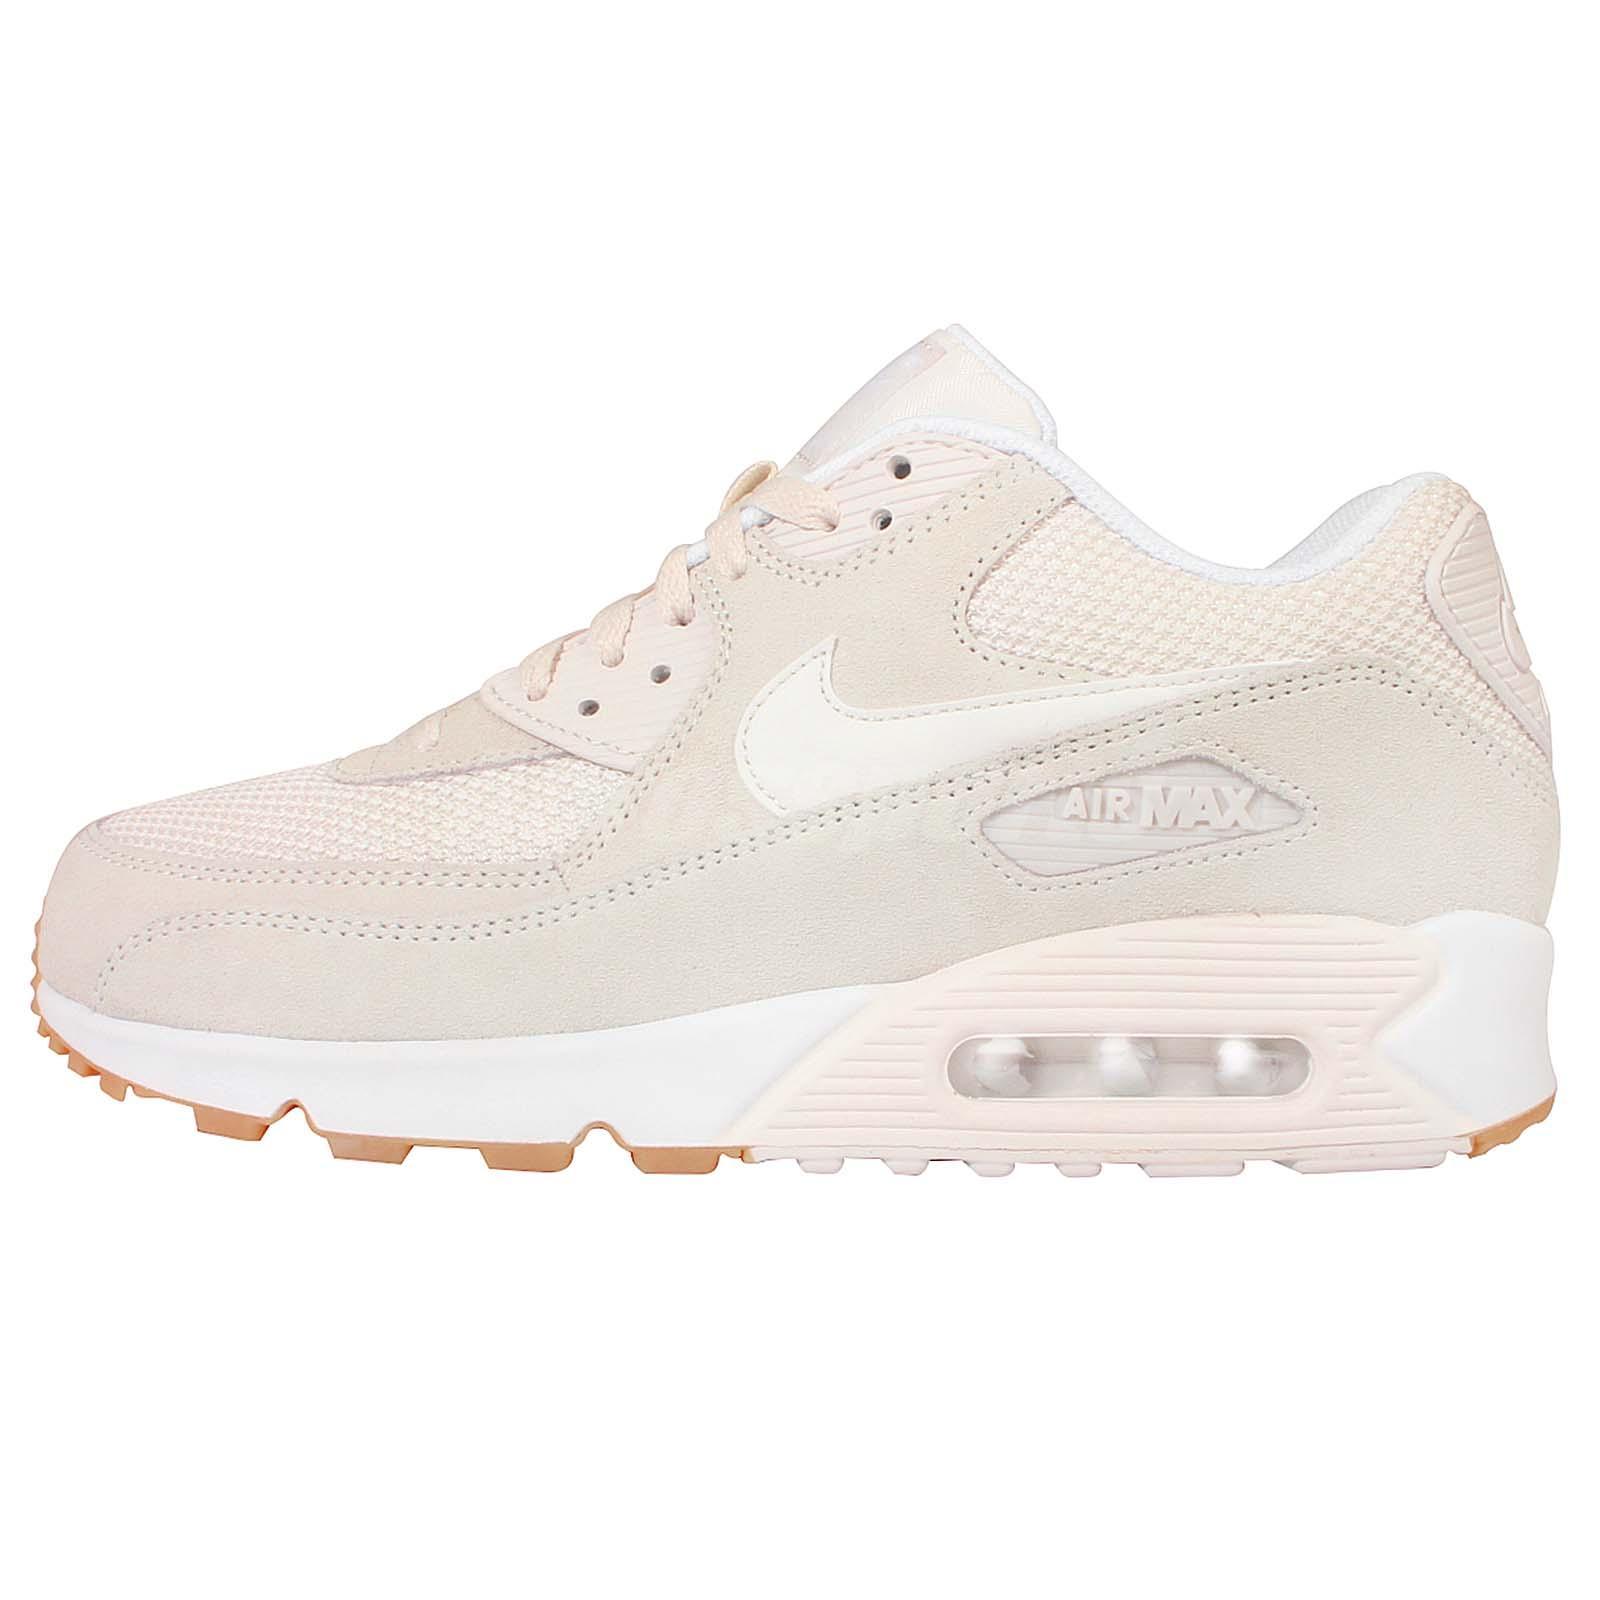 211798ffef7 Grey Suede Nike Air Max 90 Nike Air Max 90 Red